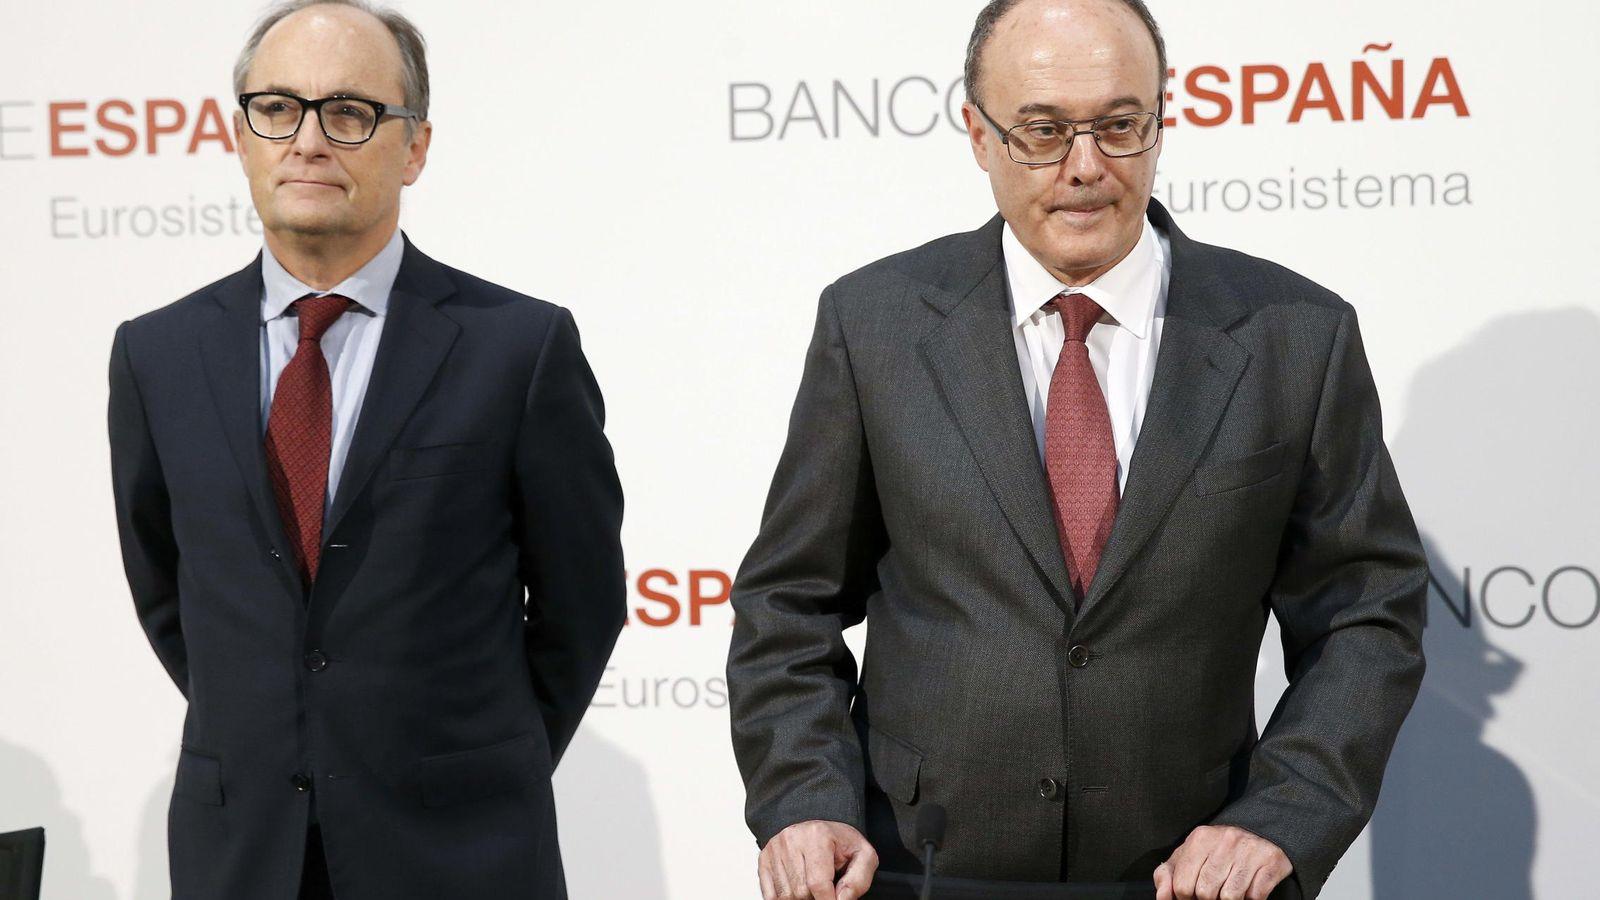 Foto: El subgobernador del Banco de España, Fernando Restoy (i), y el gobernador, Luis Linde. (EFE)